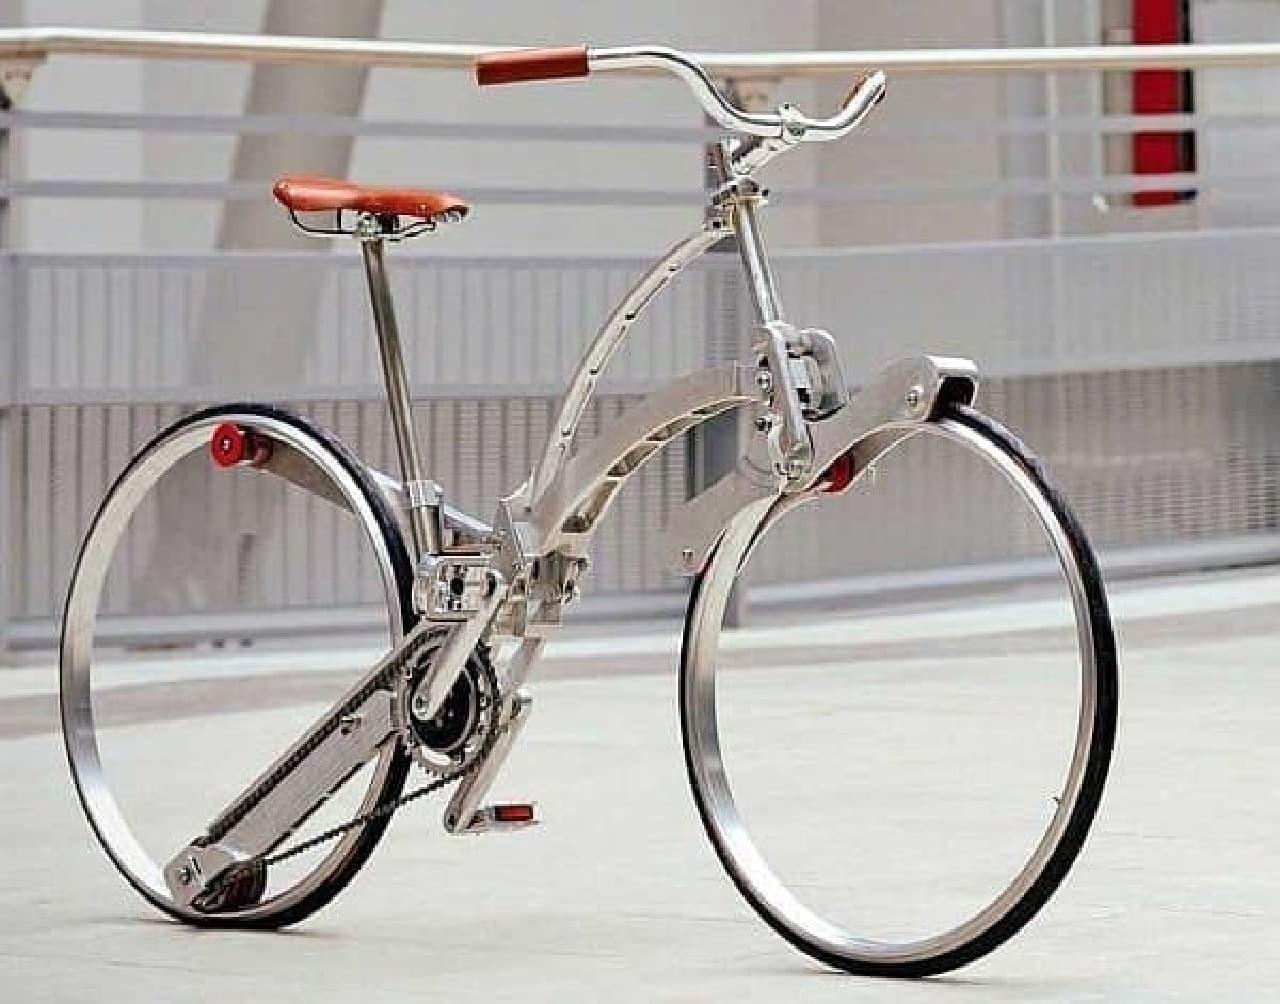 折り畳み自転車「Sada Bike」では重量低減目的で、スポークとハブをなくした